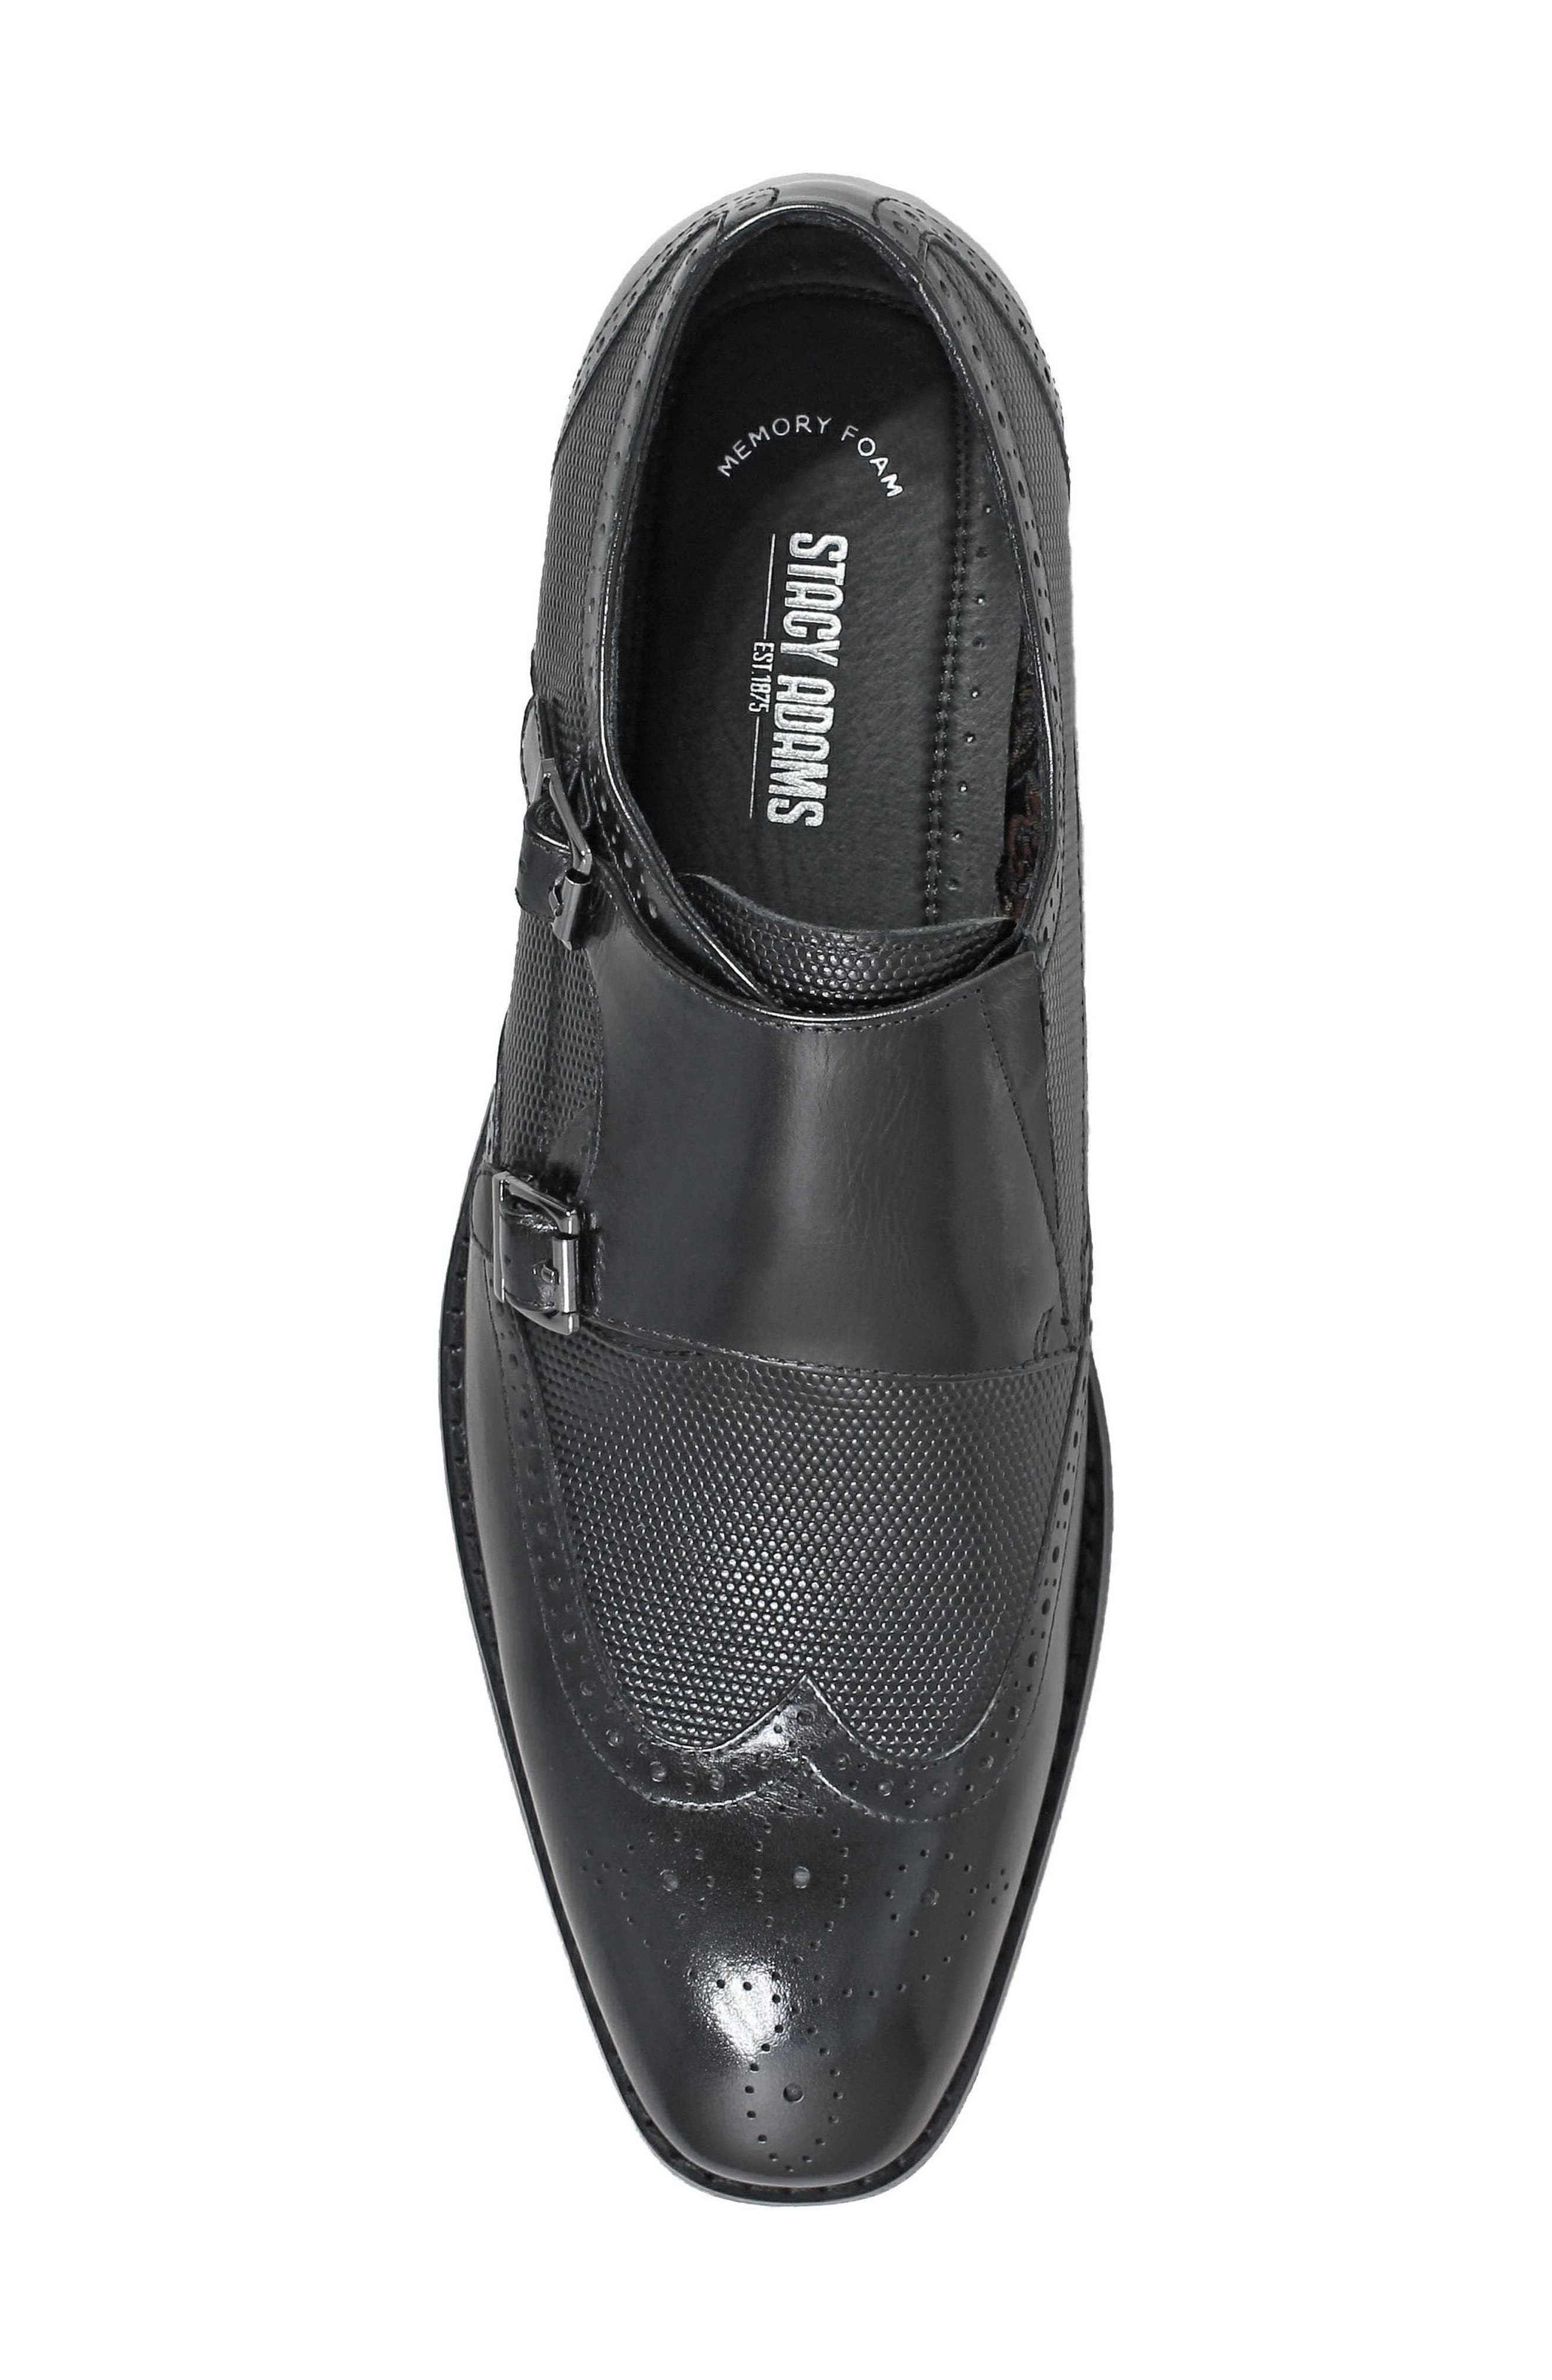 Lavine Wingtip Monk Shoe,                             Alternate thumbnail 5, color,                             BLACK LEATHER